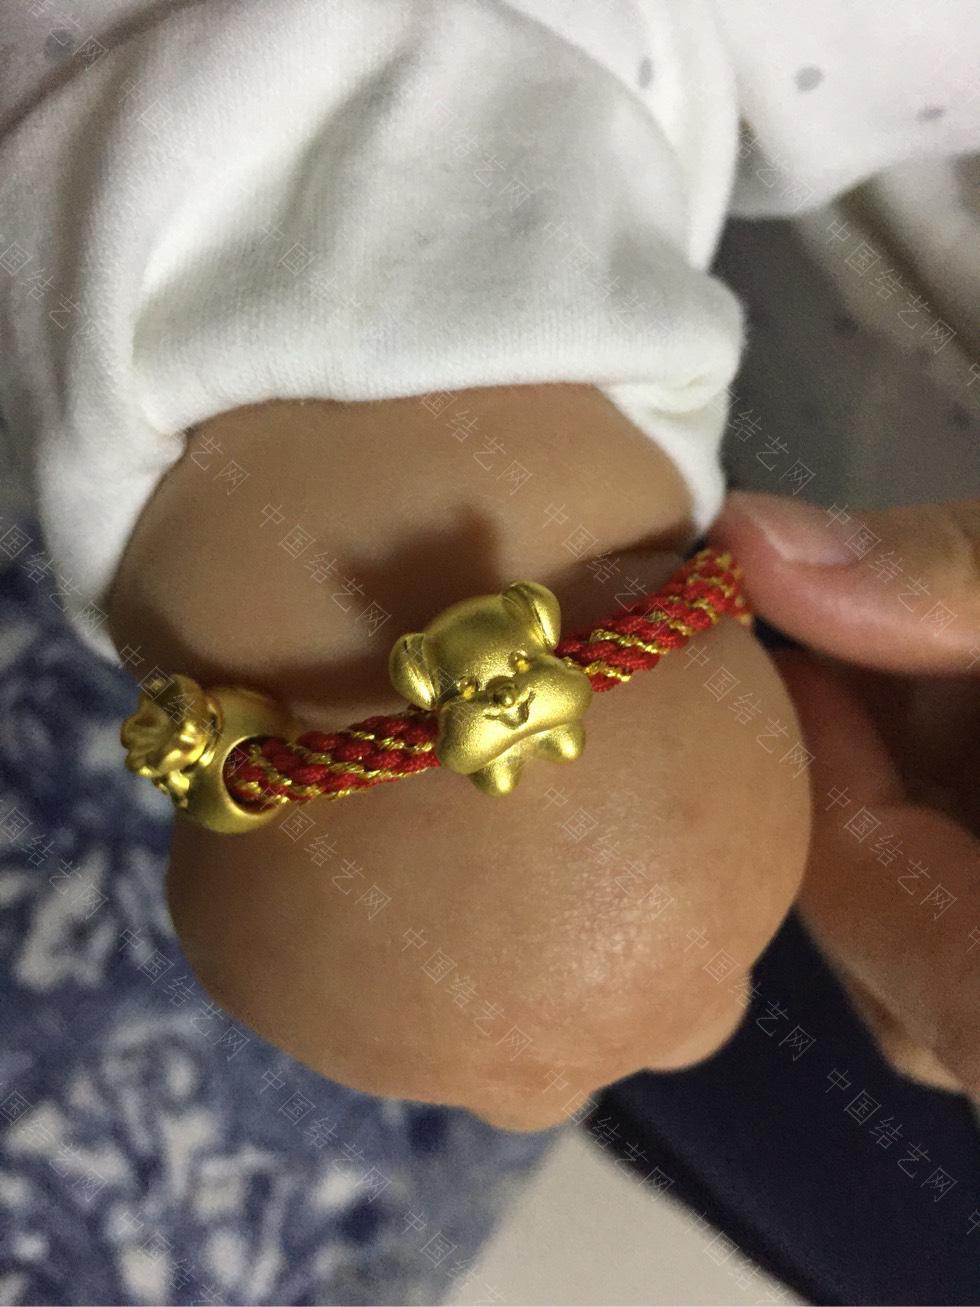 中国结论坛 给宝贝儿编的手链! 手链,宝贝,宝贝儿,适合编给对象的手链,给男朋友编手链图解 作品展示 183736g768ih33lnho1i31